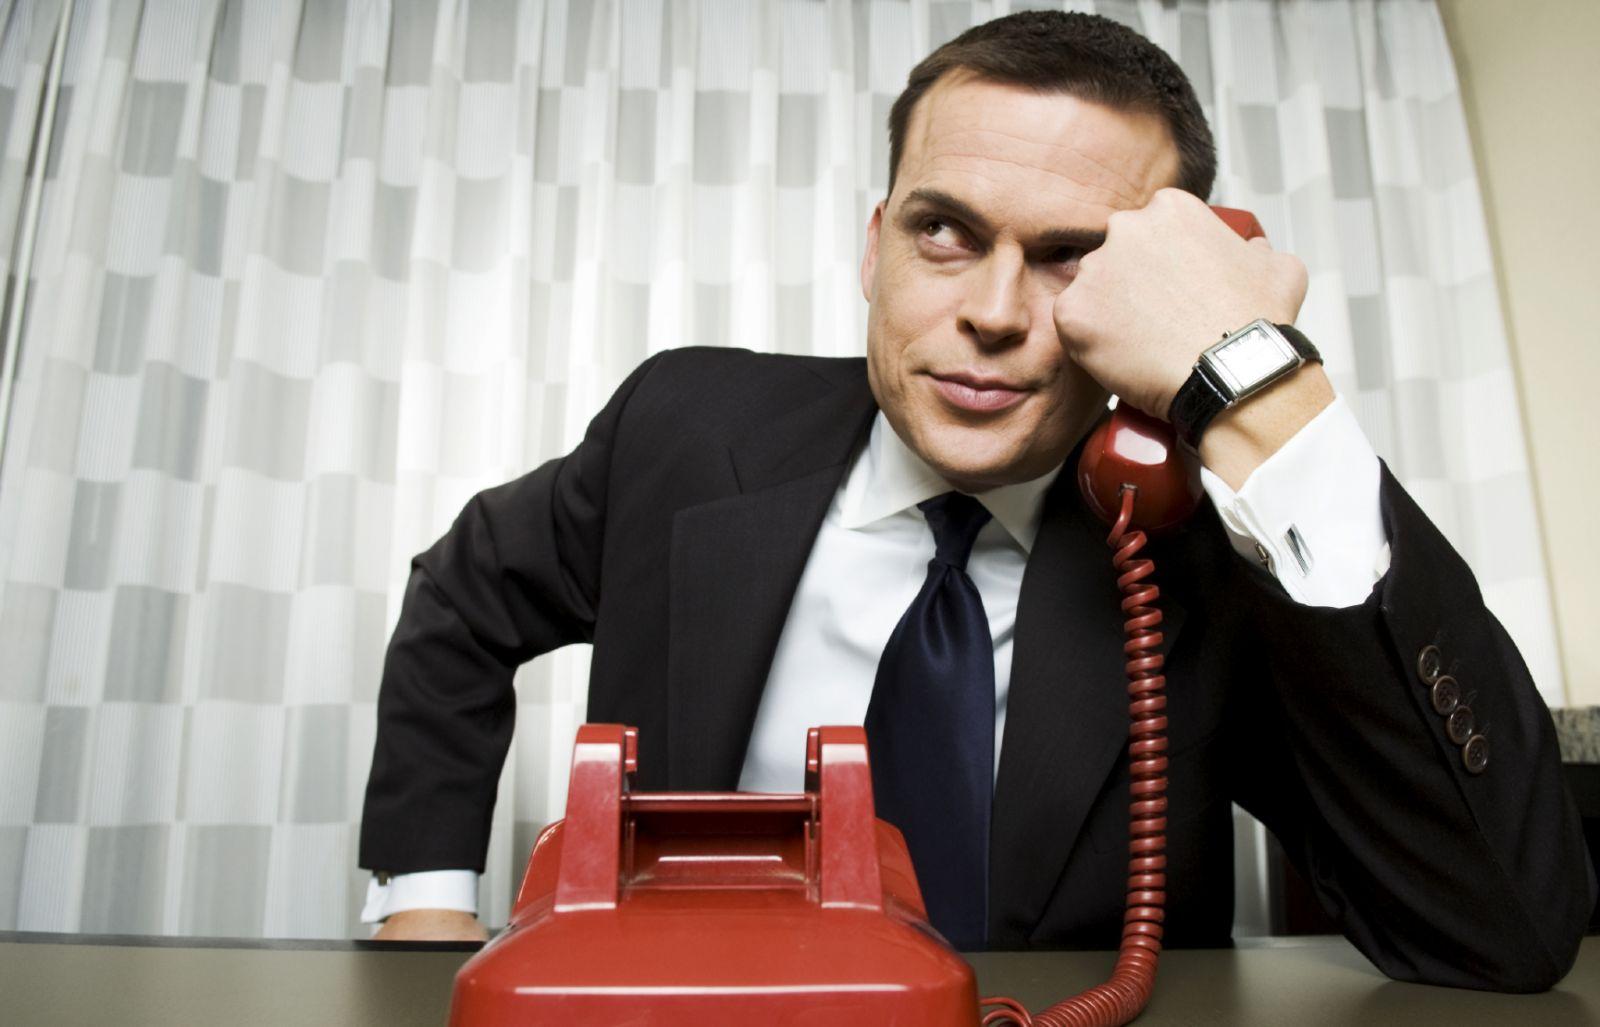 Коллекторы звонят каждый день по поводу чужих людей - что делать